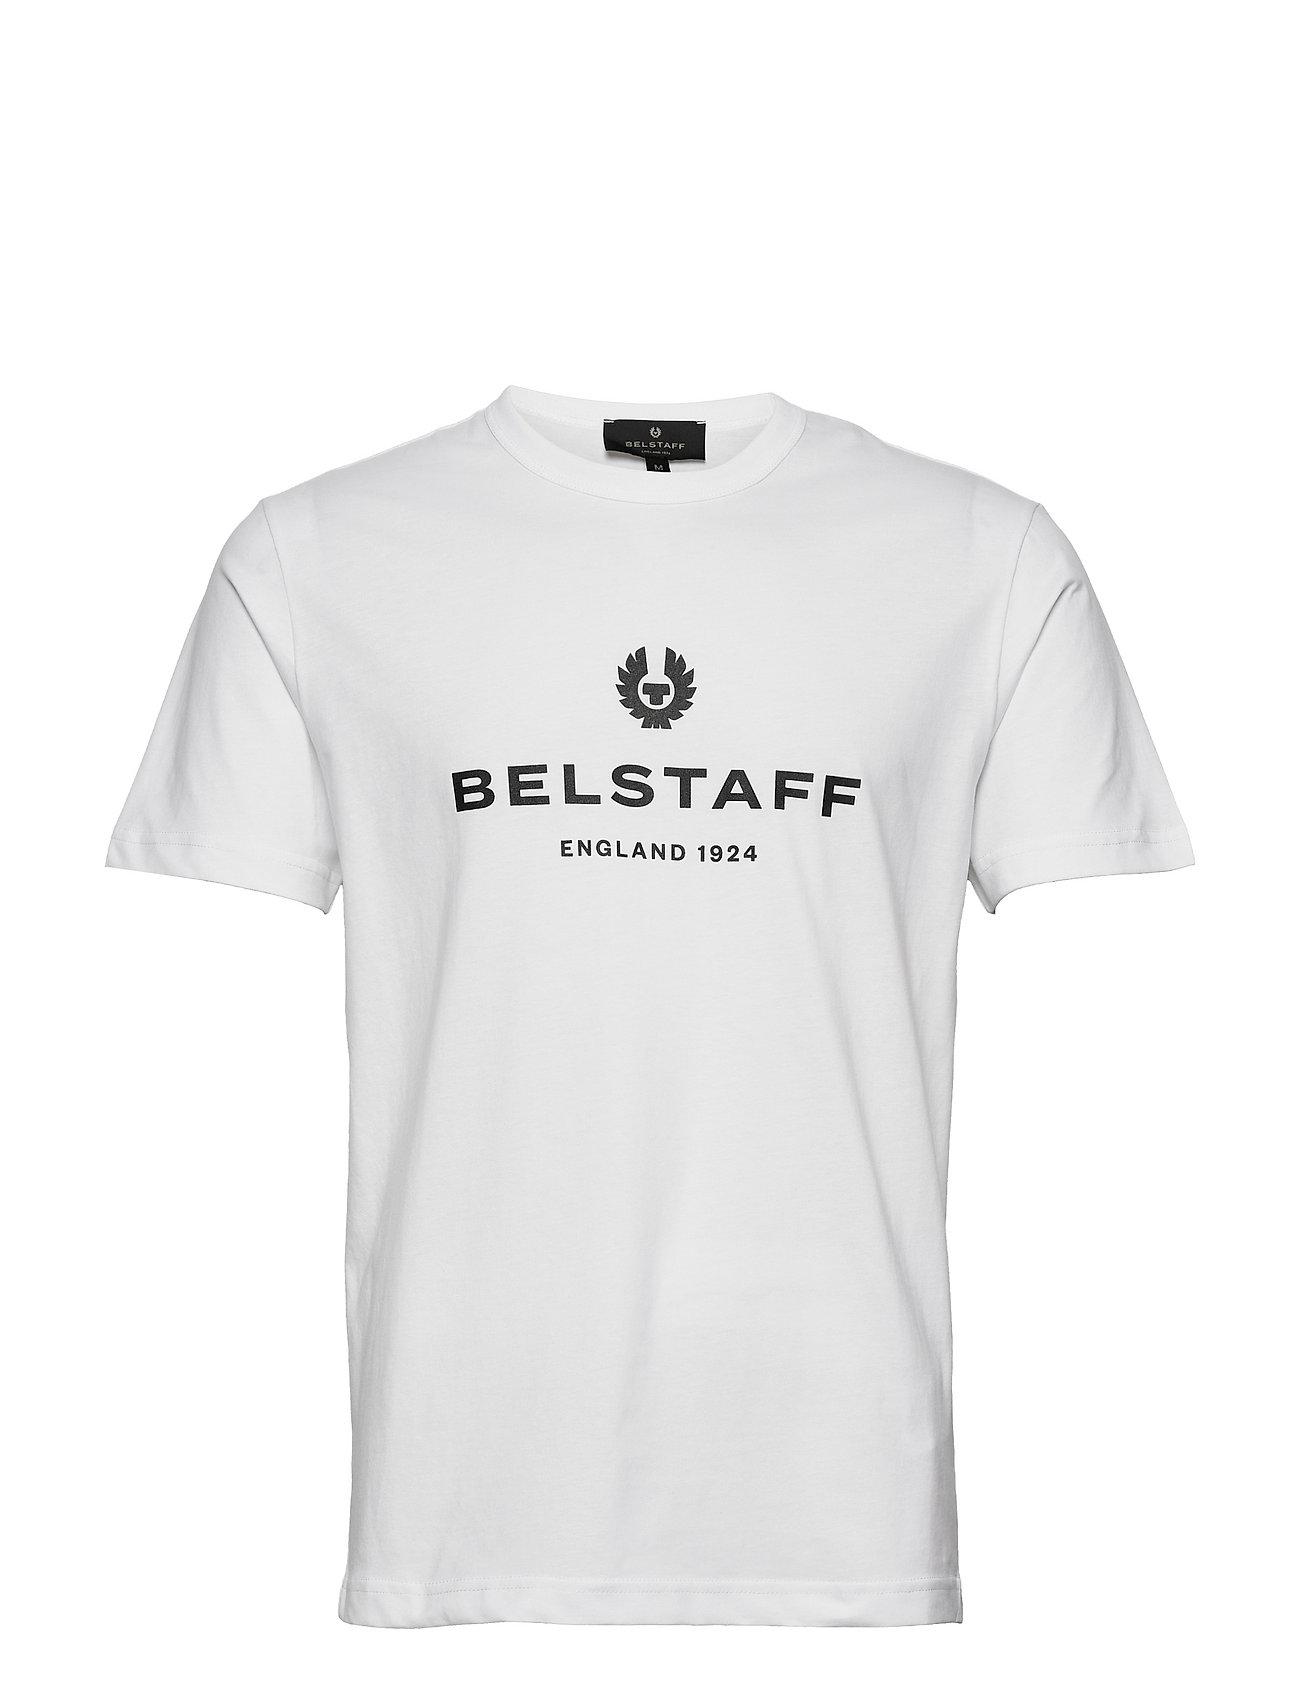 Belstaff 1924 2.0 T-Shirt T-shirt Hvid Belstaff